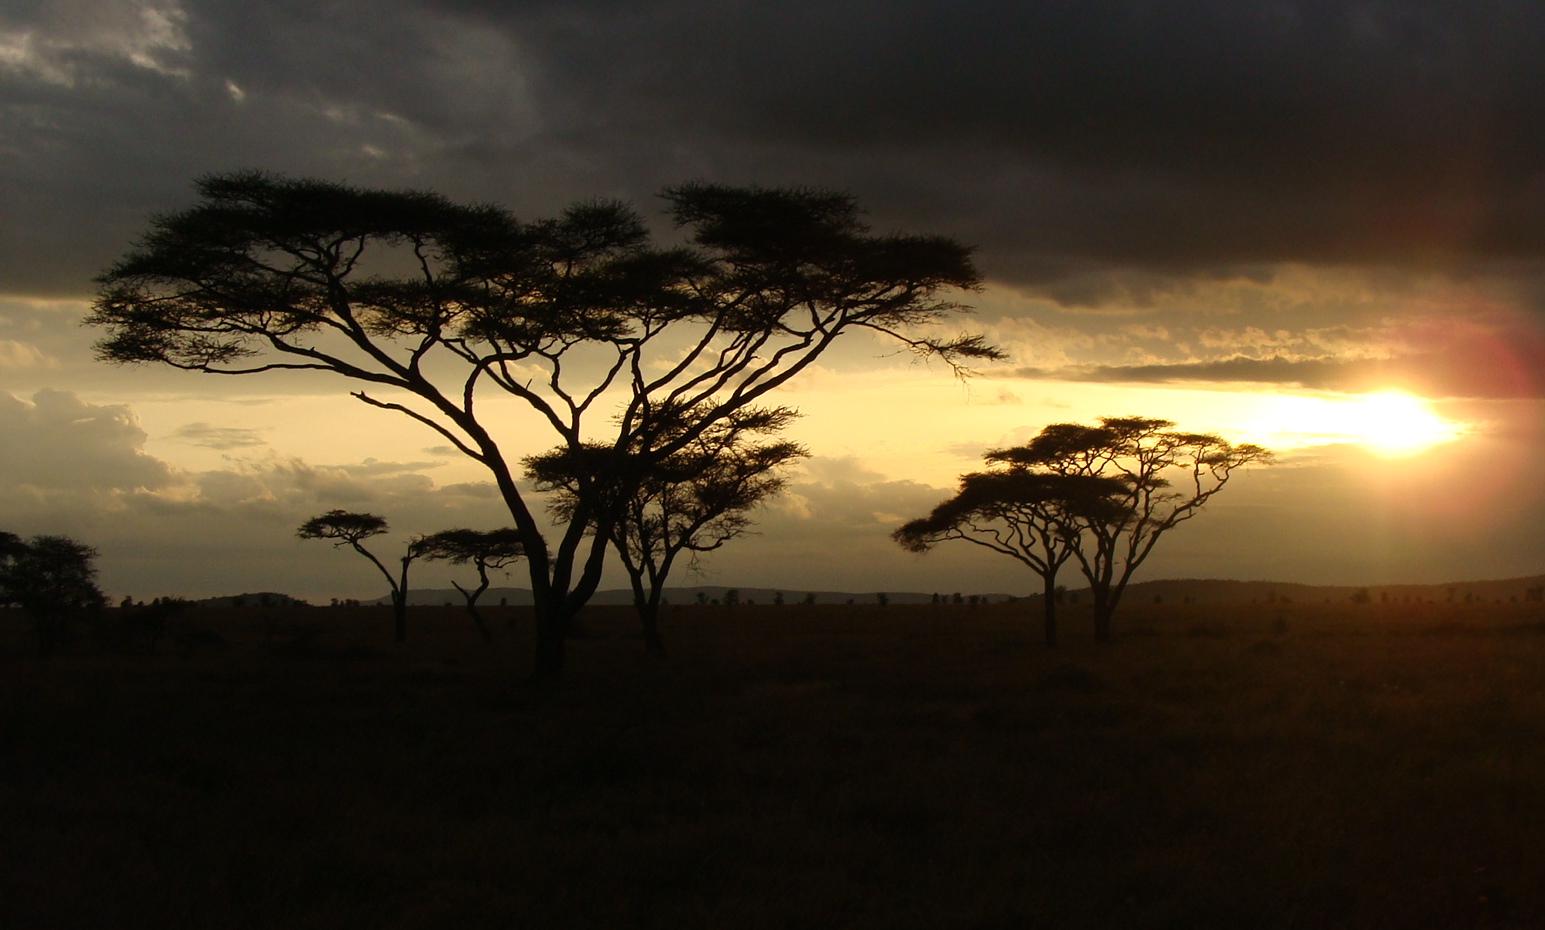 Serengeti sunset